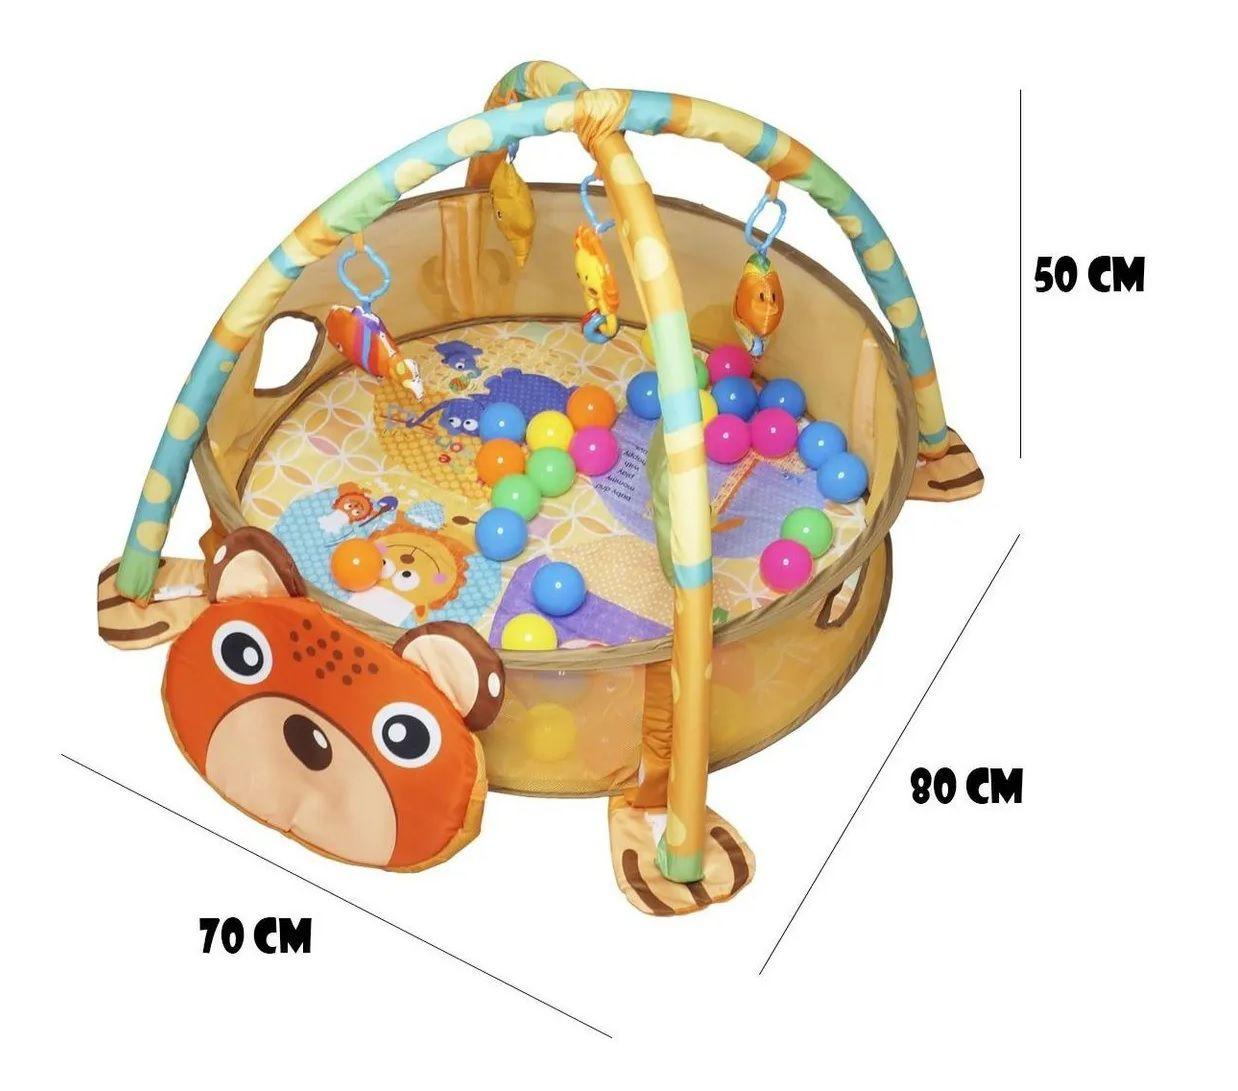 Tapete de Atividade Infantil 3 em 1 com Piscina Bolinhas